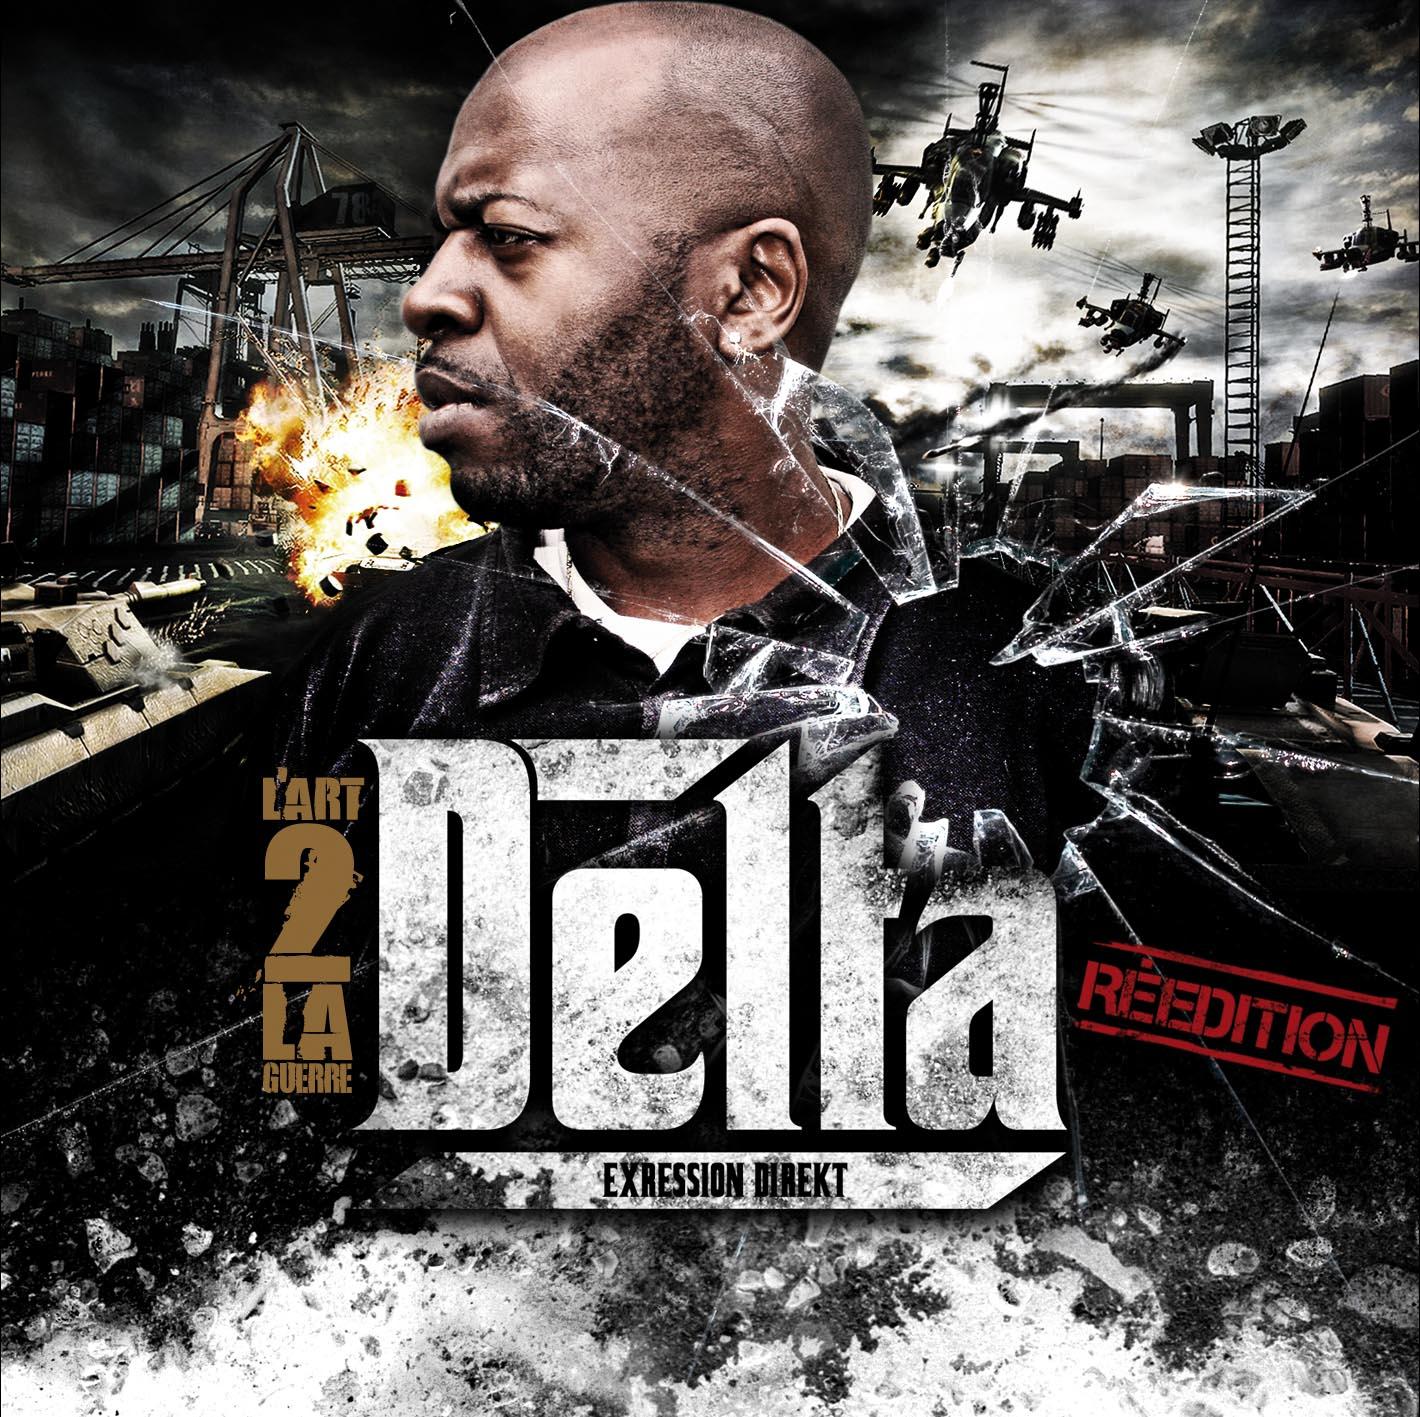 Delta - L ART DE LA RUE REEDITION